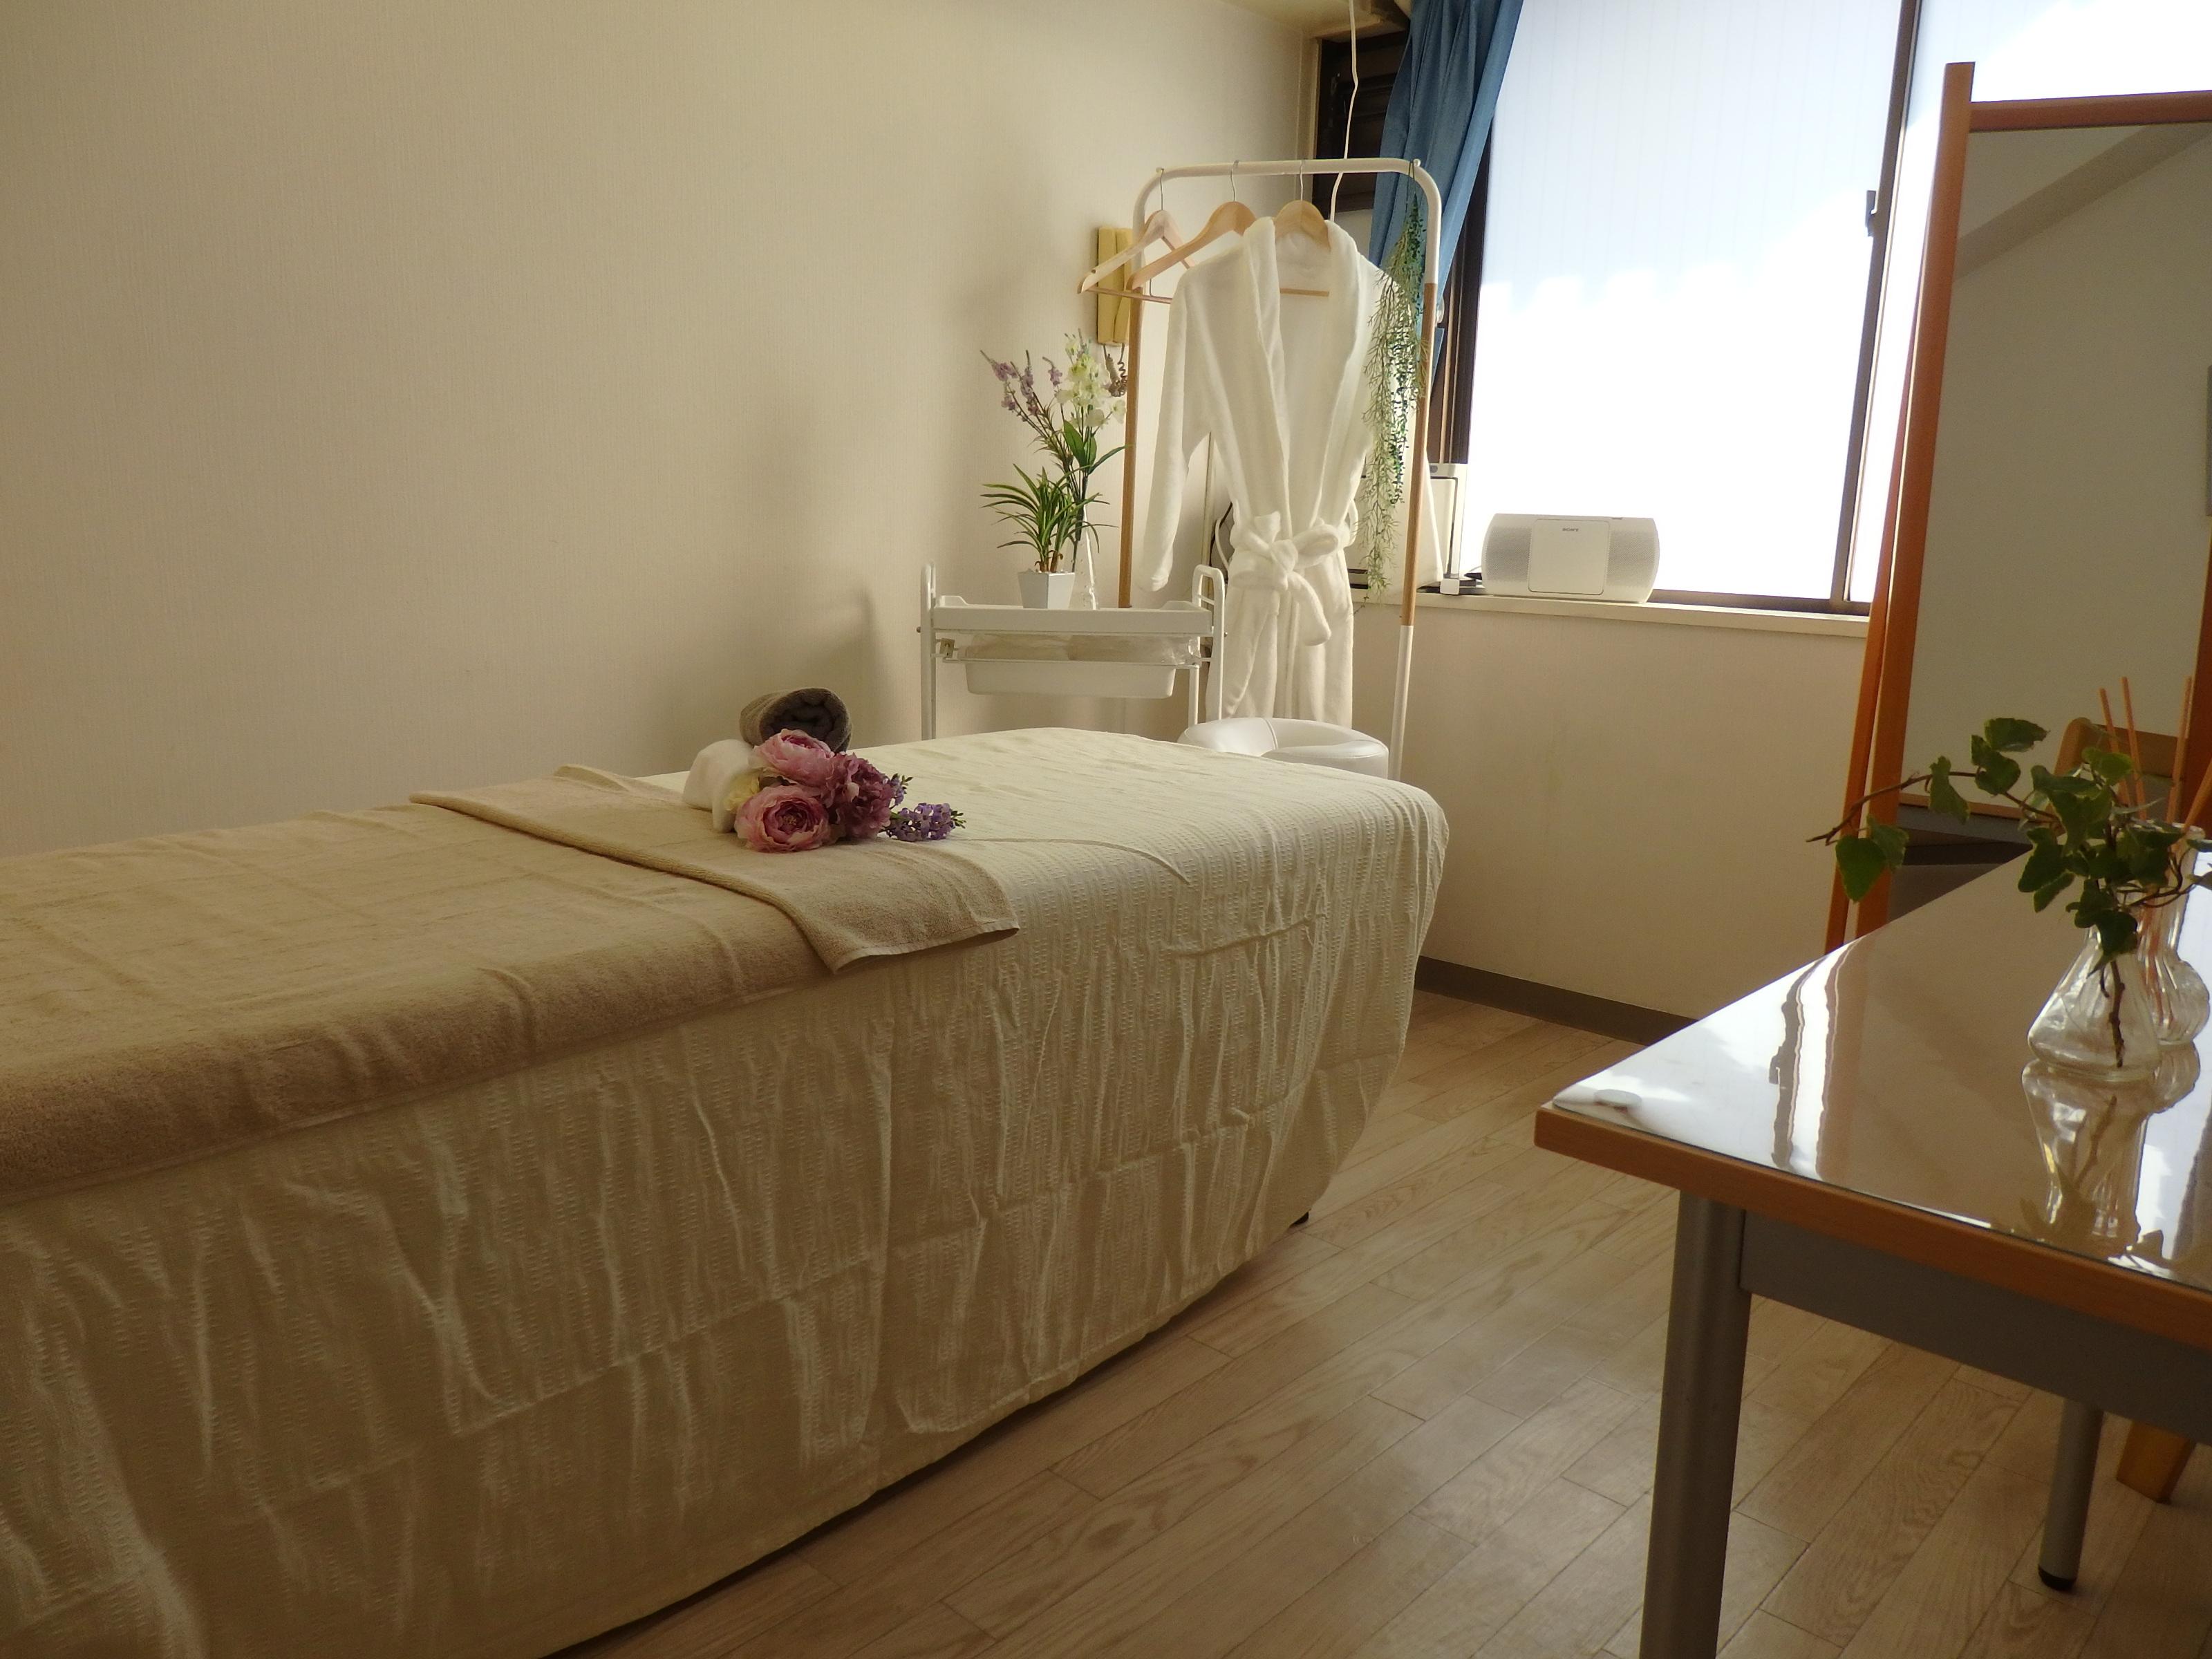 横浜レンタルサロン東口店Aサロン 【リニューアル】横浜東口Aサロンの室内の写真